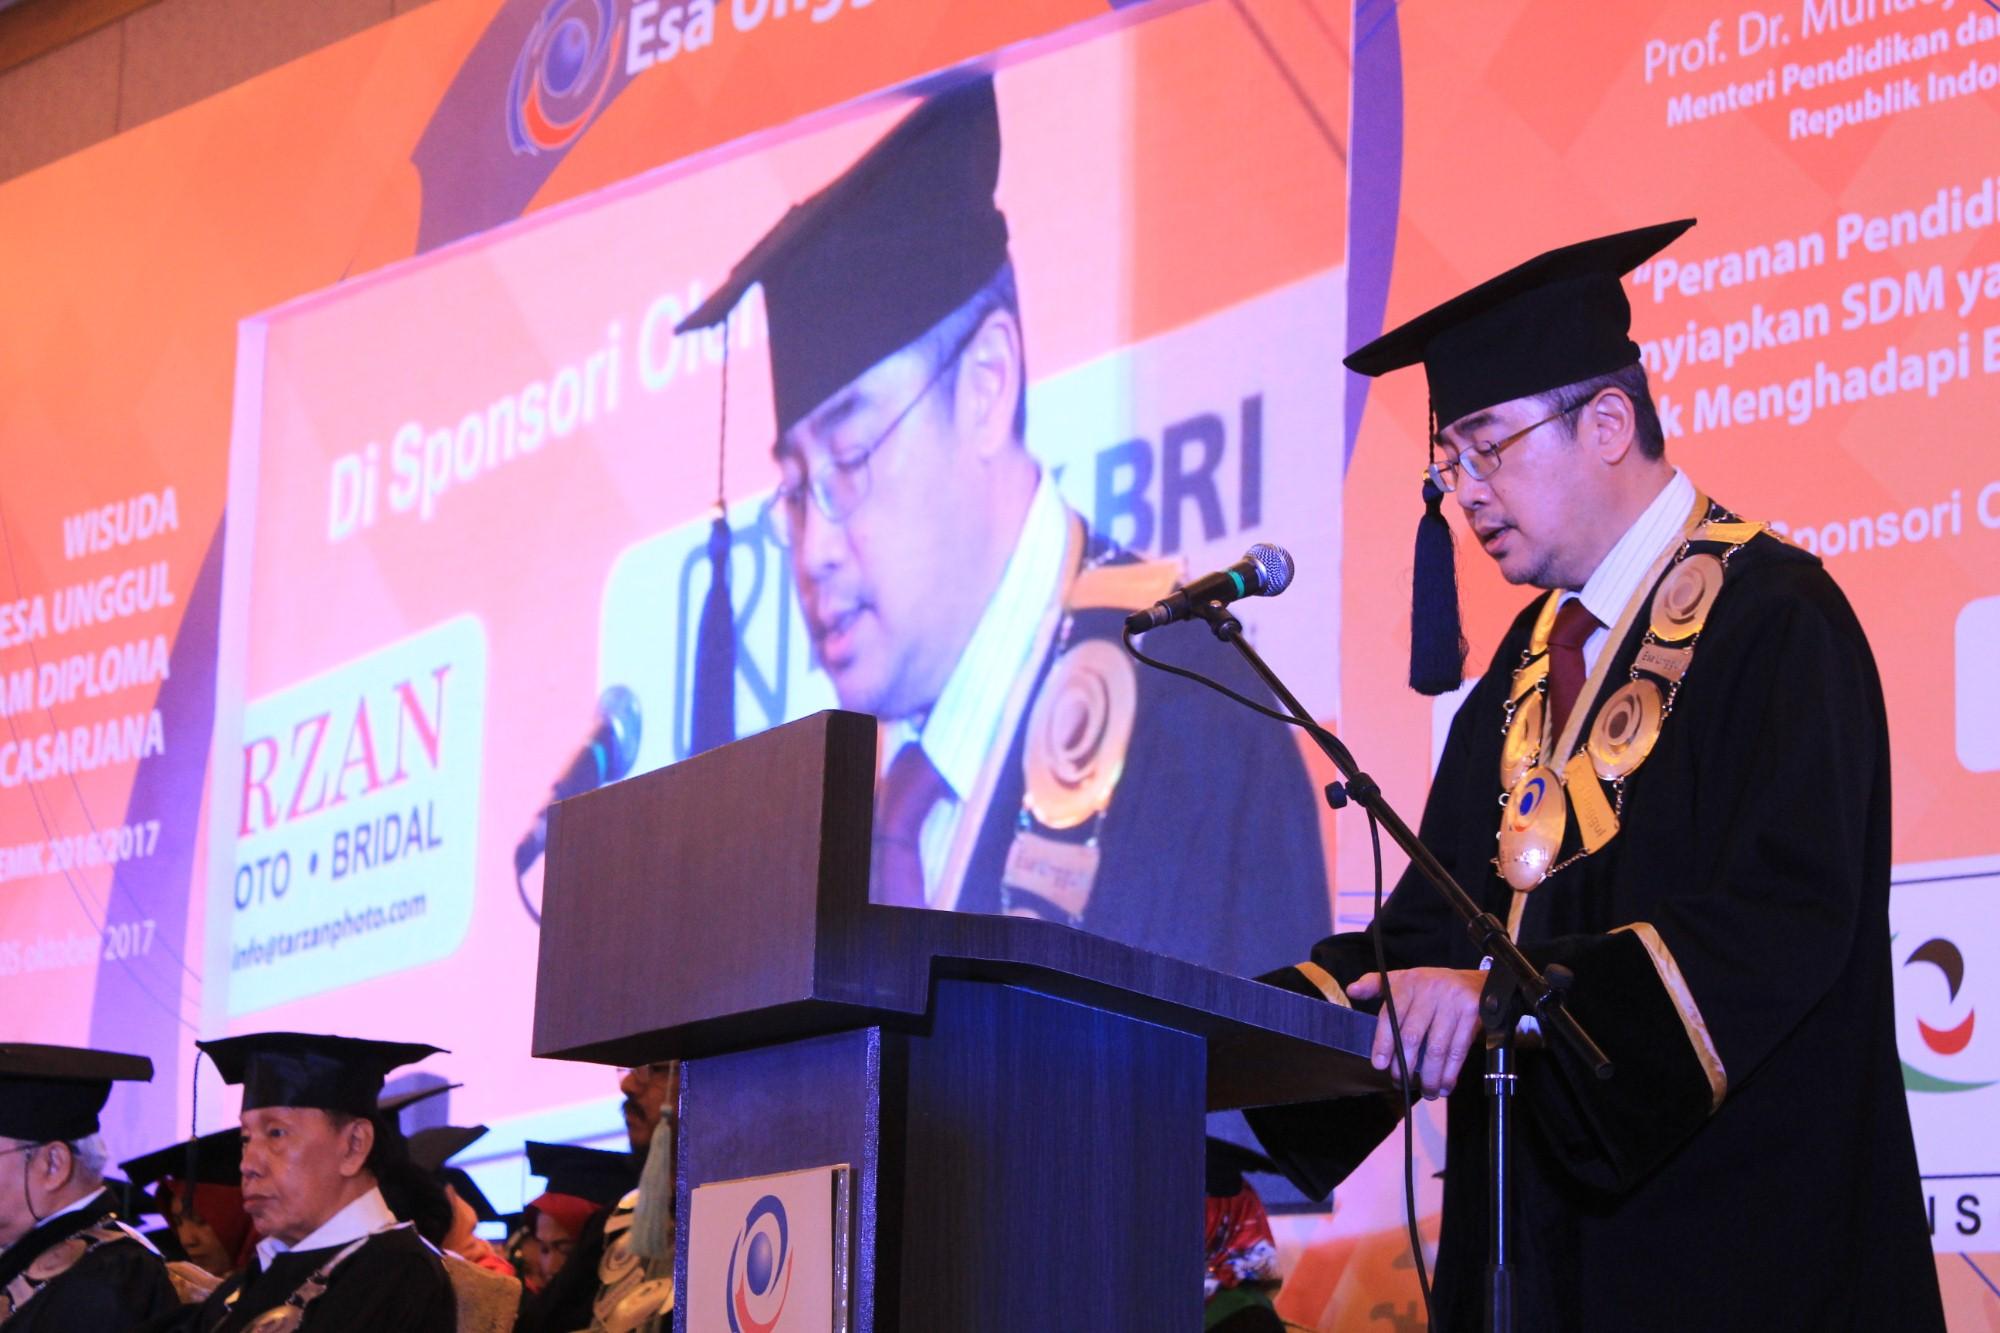 Universitas Esa Unggul Wisuda 1243 Sarjana Bersaing di Era Global